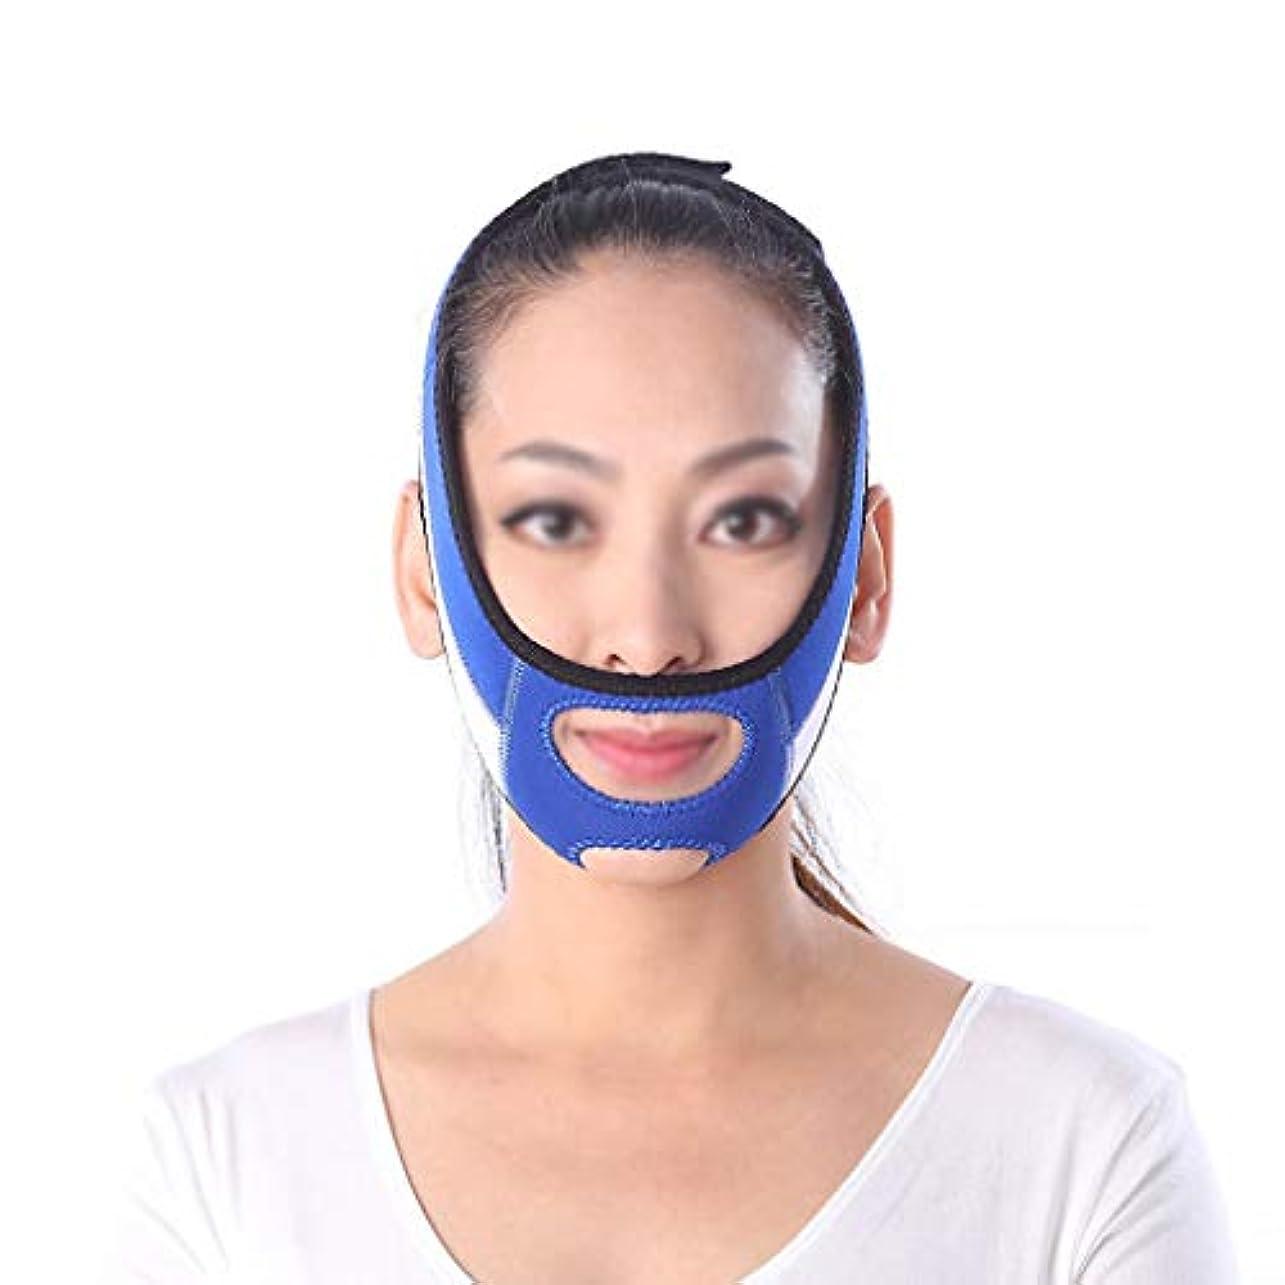 キリストマーカー権限を与えるフェイスリフティング包帯、フェイスリフティングマスク、フェイスリフティング器具、二重あごケア減量、フェイシャルリフティングストラップ(フリーサイズ、ブルー)